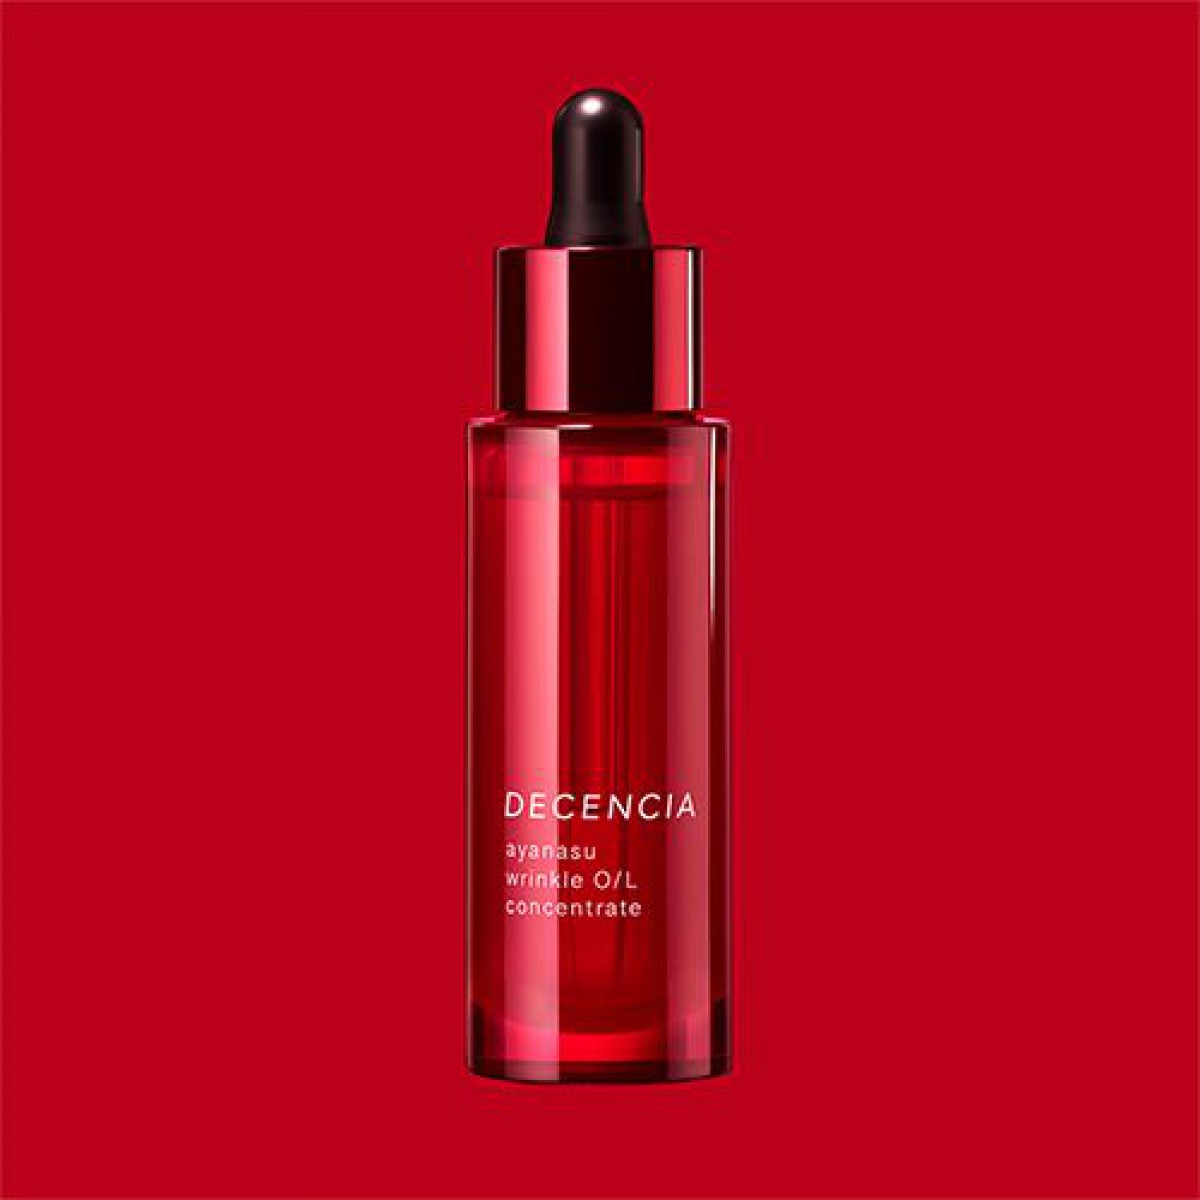 シワを改善する敏感肌用「薬用オイル状美容液」発売/DECENCIA